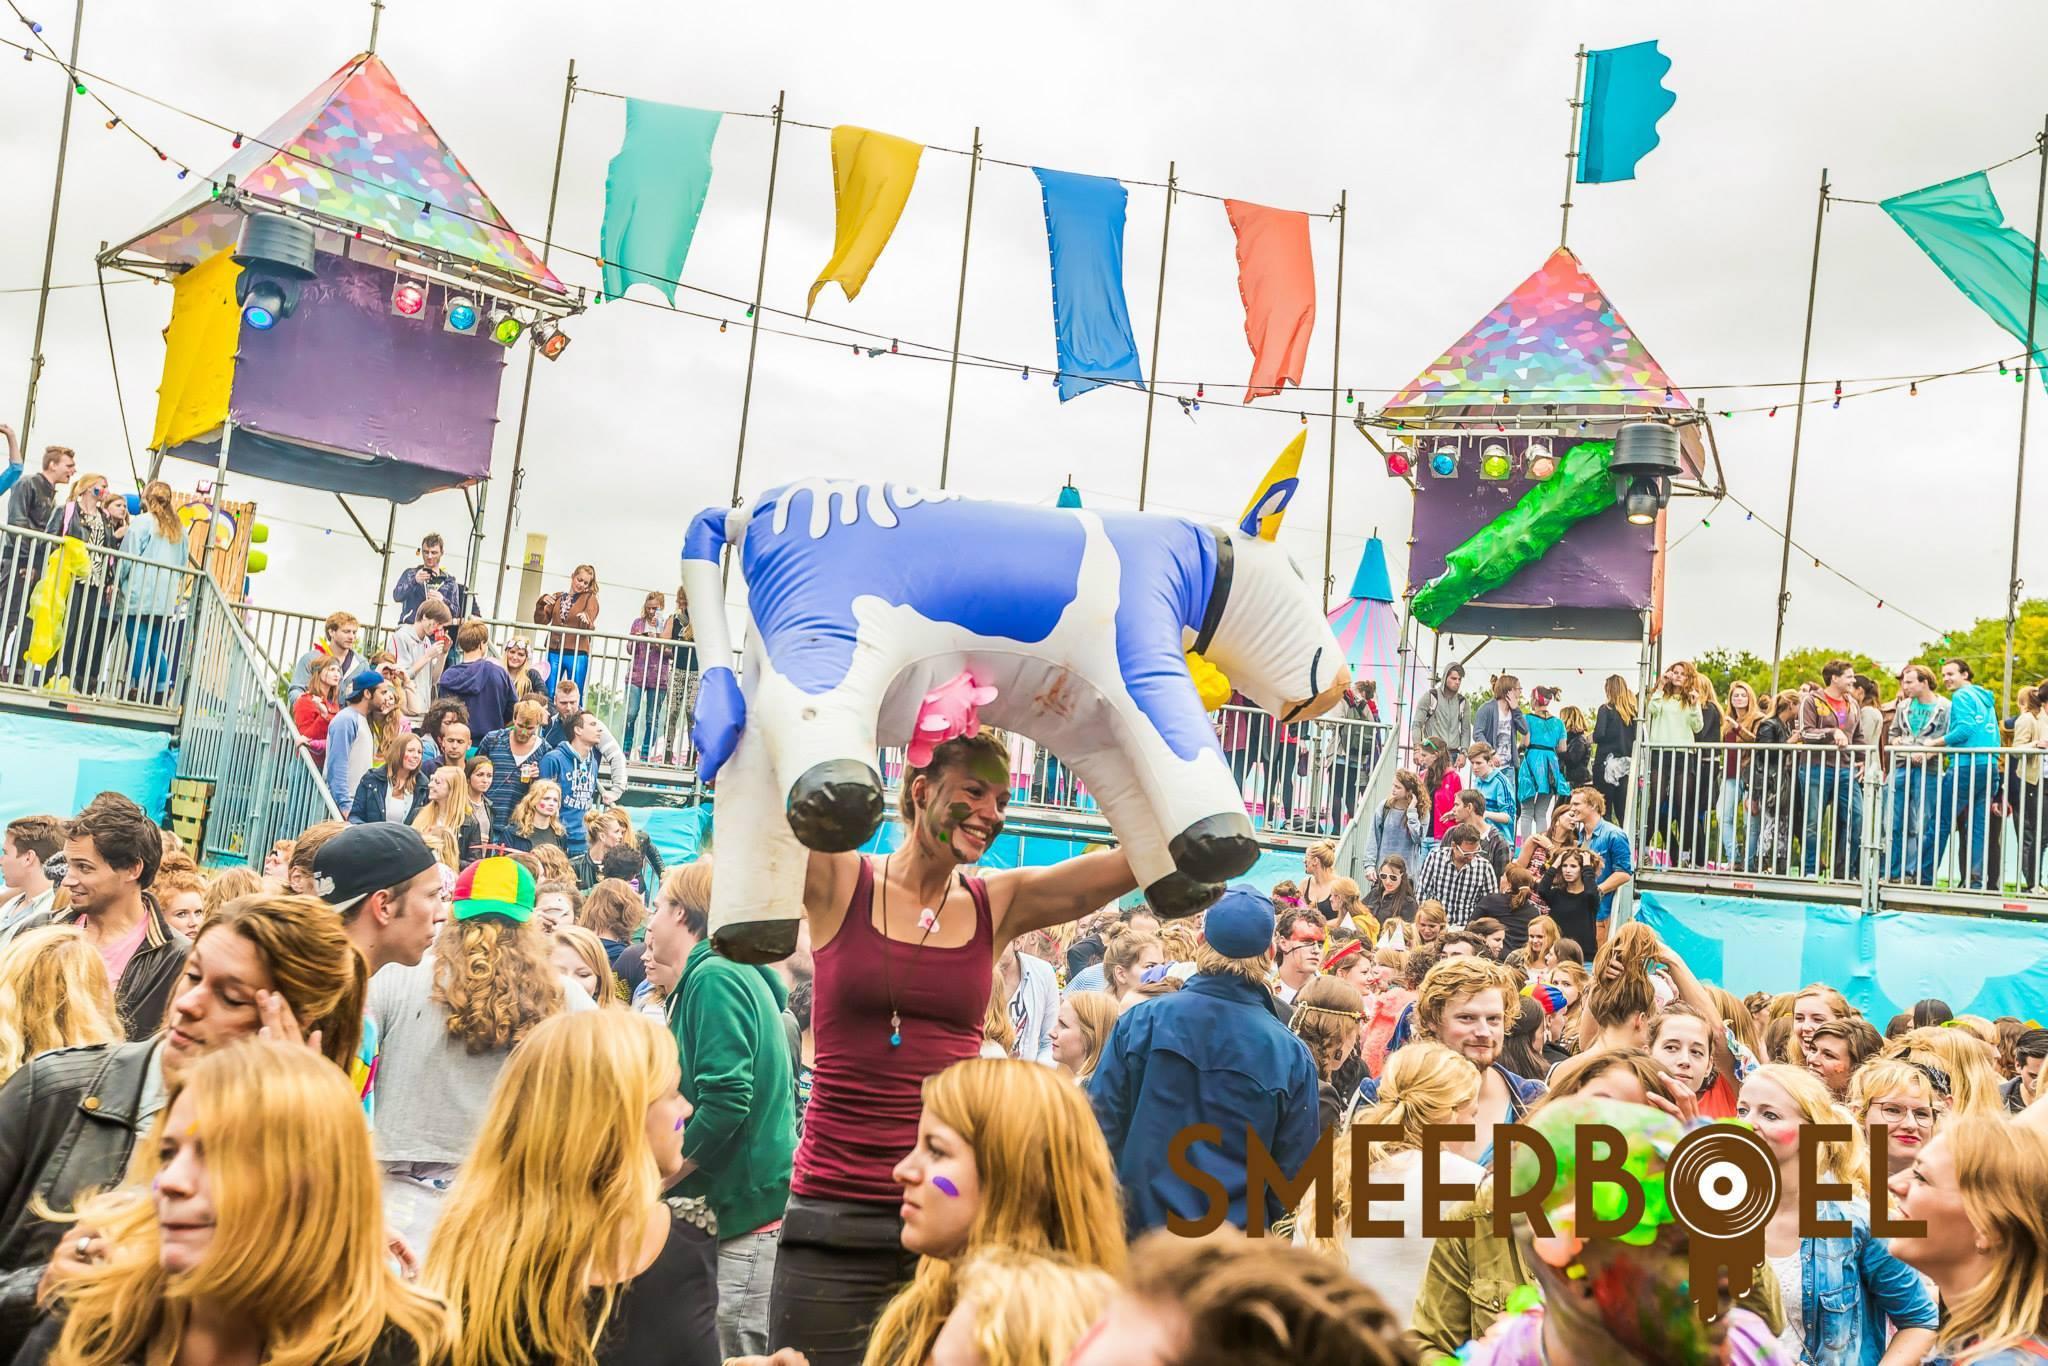 Smeerboel Festival 2014 Partypic